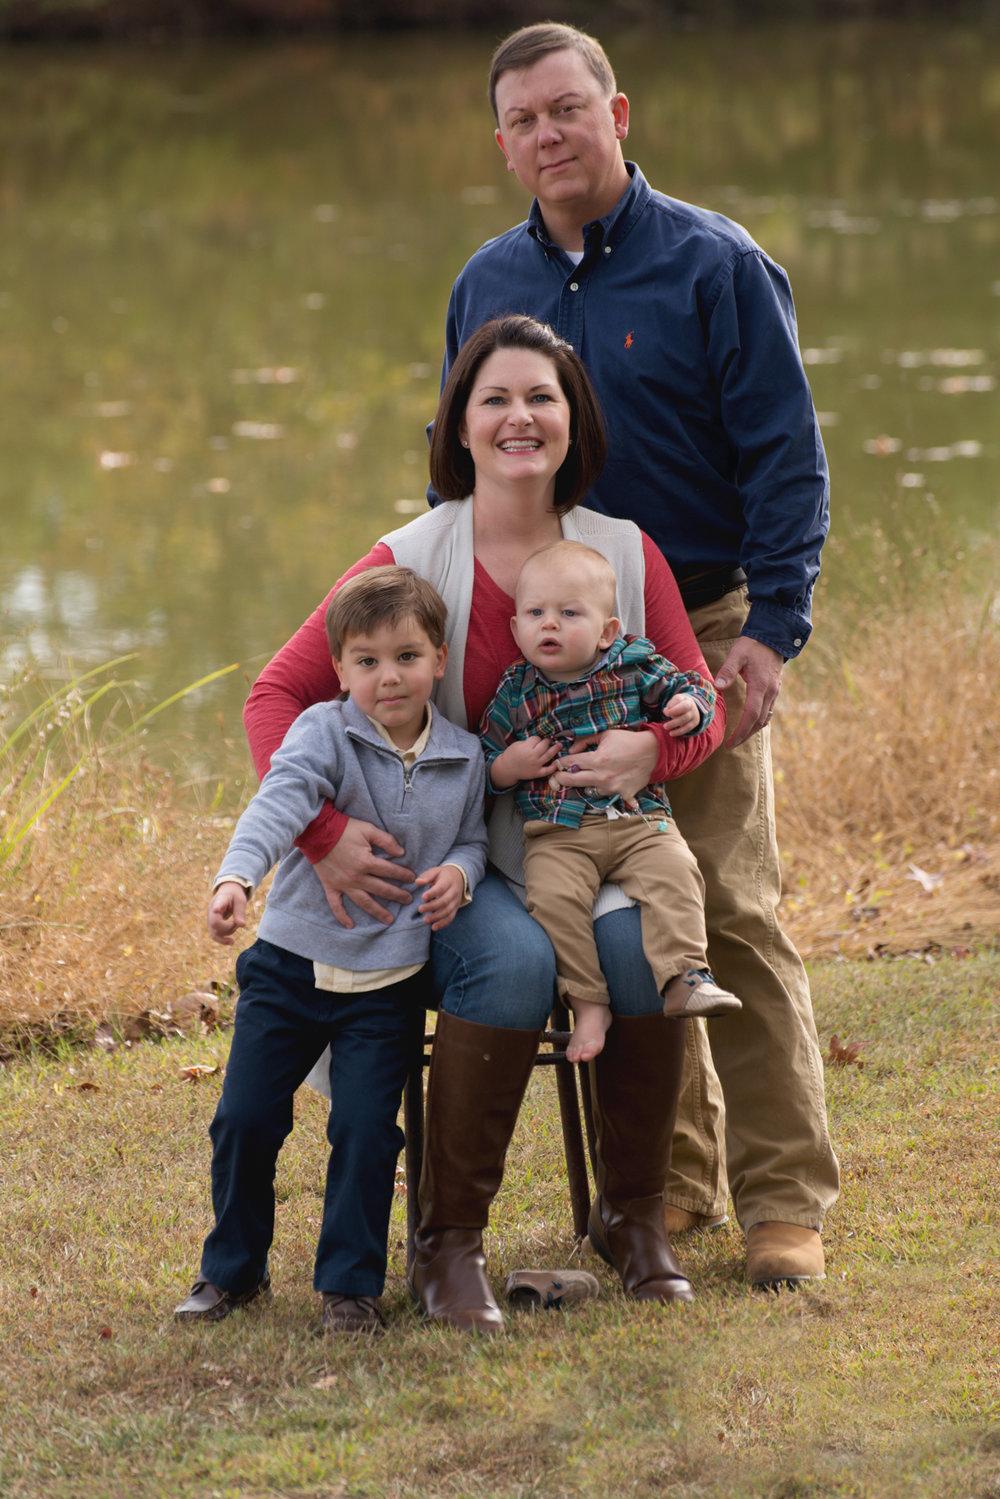 Familyphotographer-3.jpg